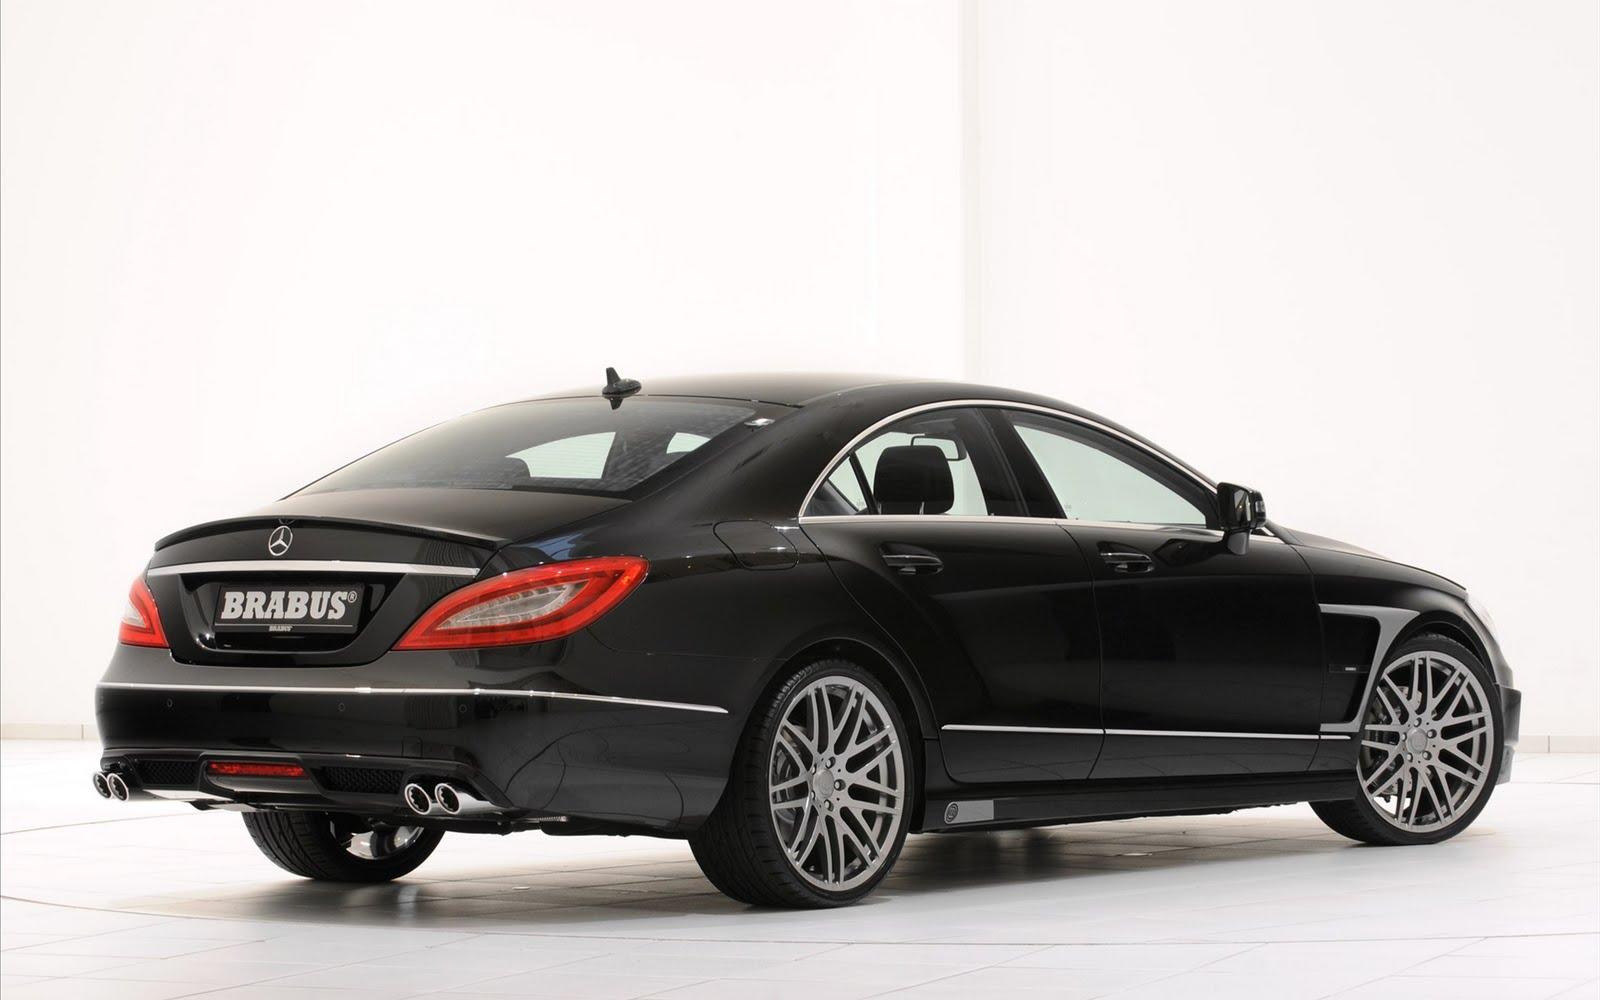 http://2.bp.blogspot.com/-qPz-jH3J-LI/TZP5QnCmPwI/AAAAAAAAAOM/lPyxUMqqh-s/s1600/Brabus-Mercedes-Benz-CLS-Coupe-2011-widescreen-12.jpg